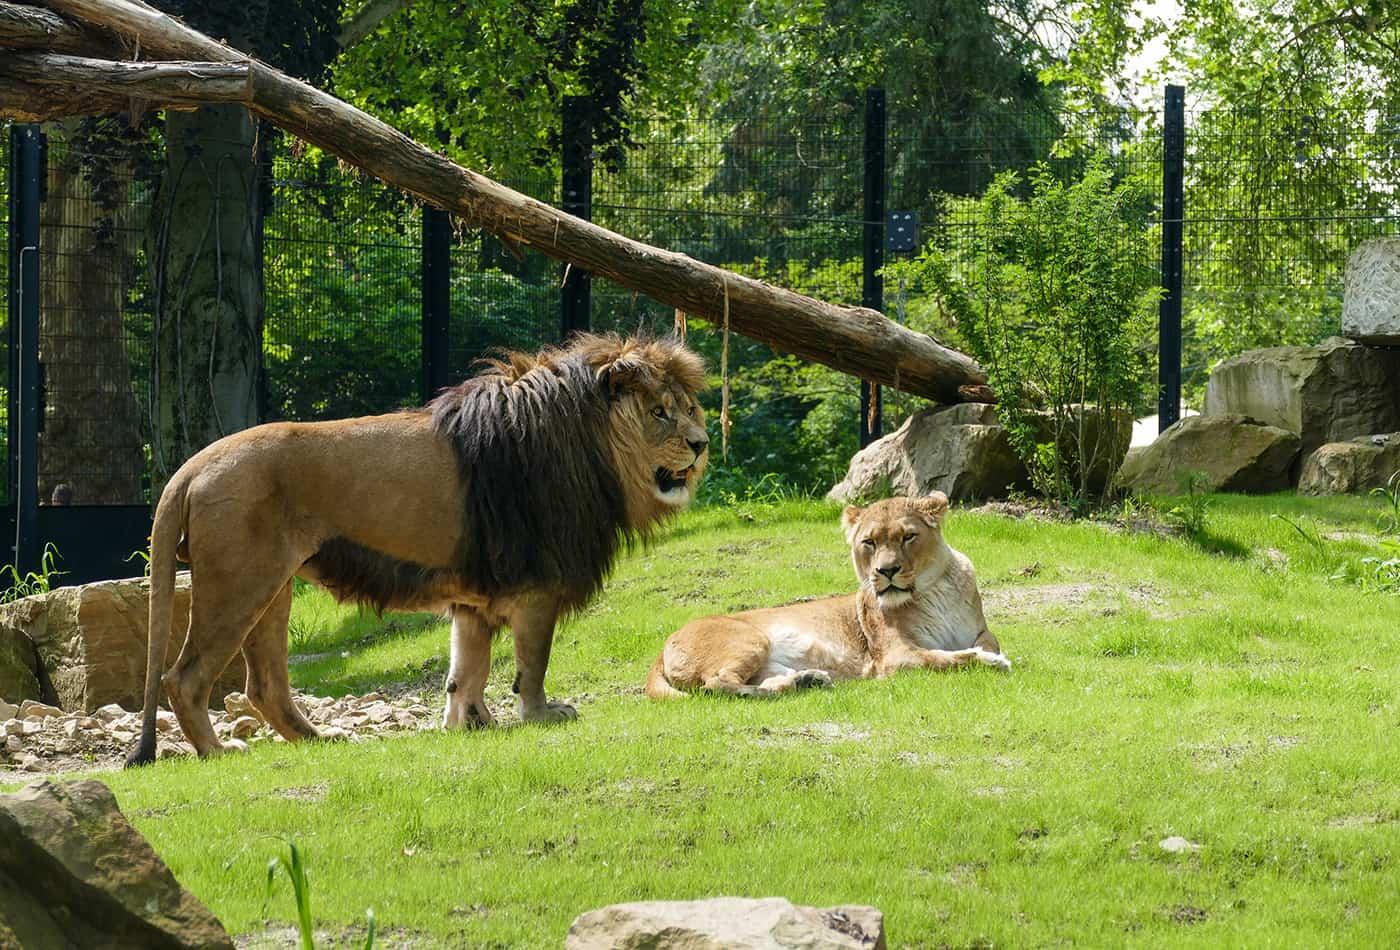 Berberlöwen im Zoo Heidelberg (Foto: Knigge/Zoo Heidelberg)